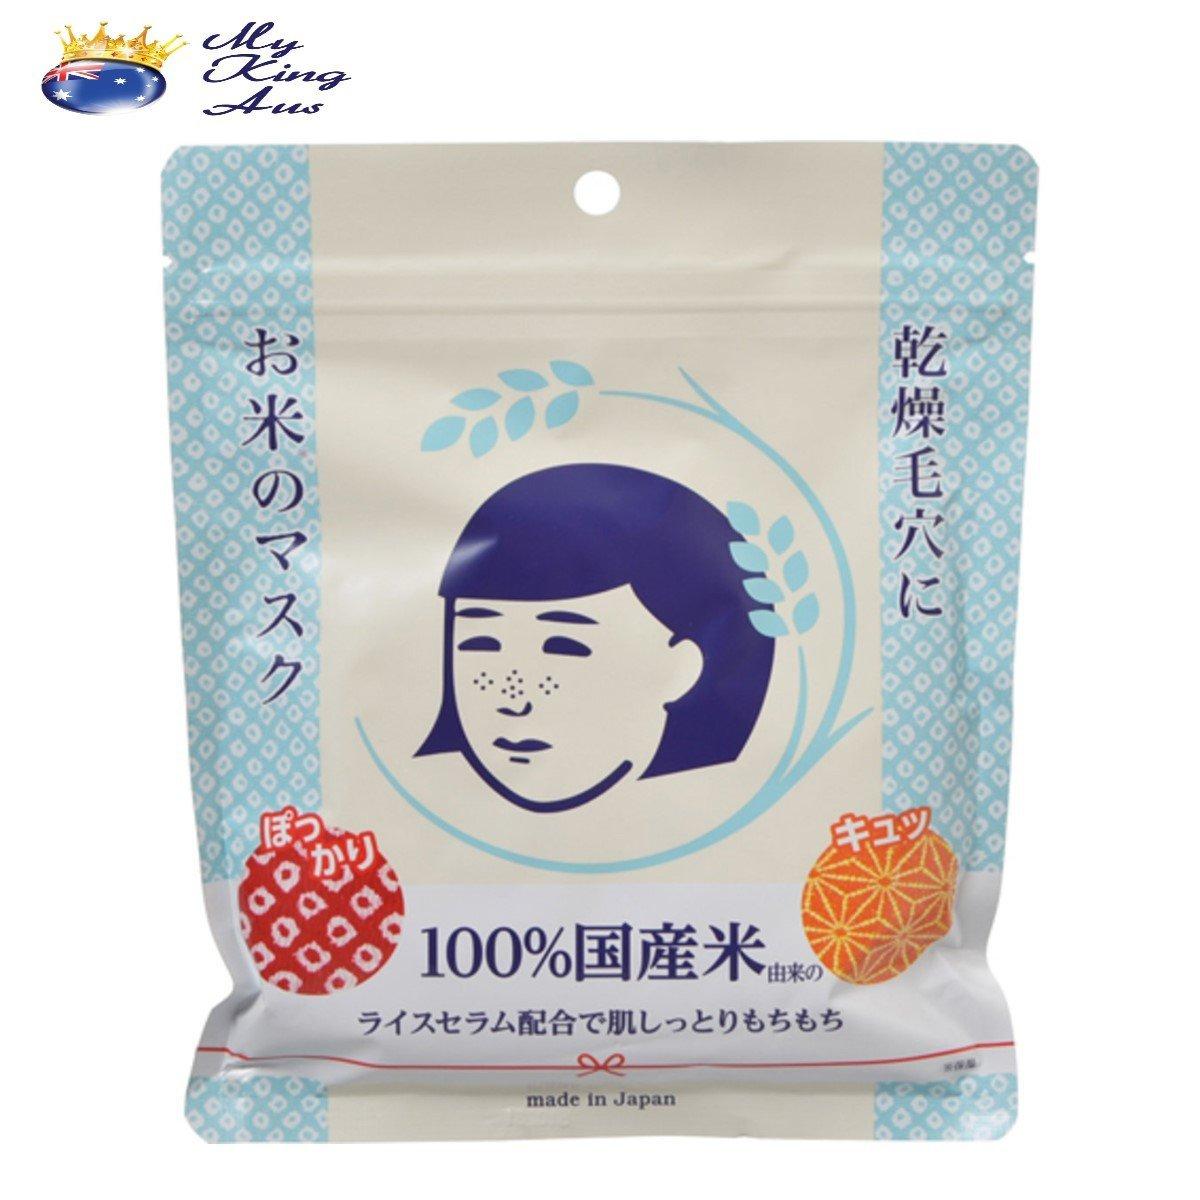 石澤研究所 - 毛穴撫子日本米精華保濕面膜 (1包10片) 藍色